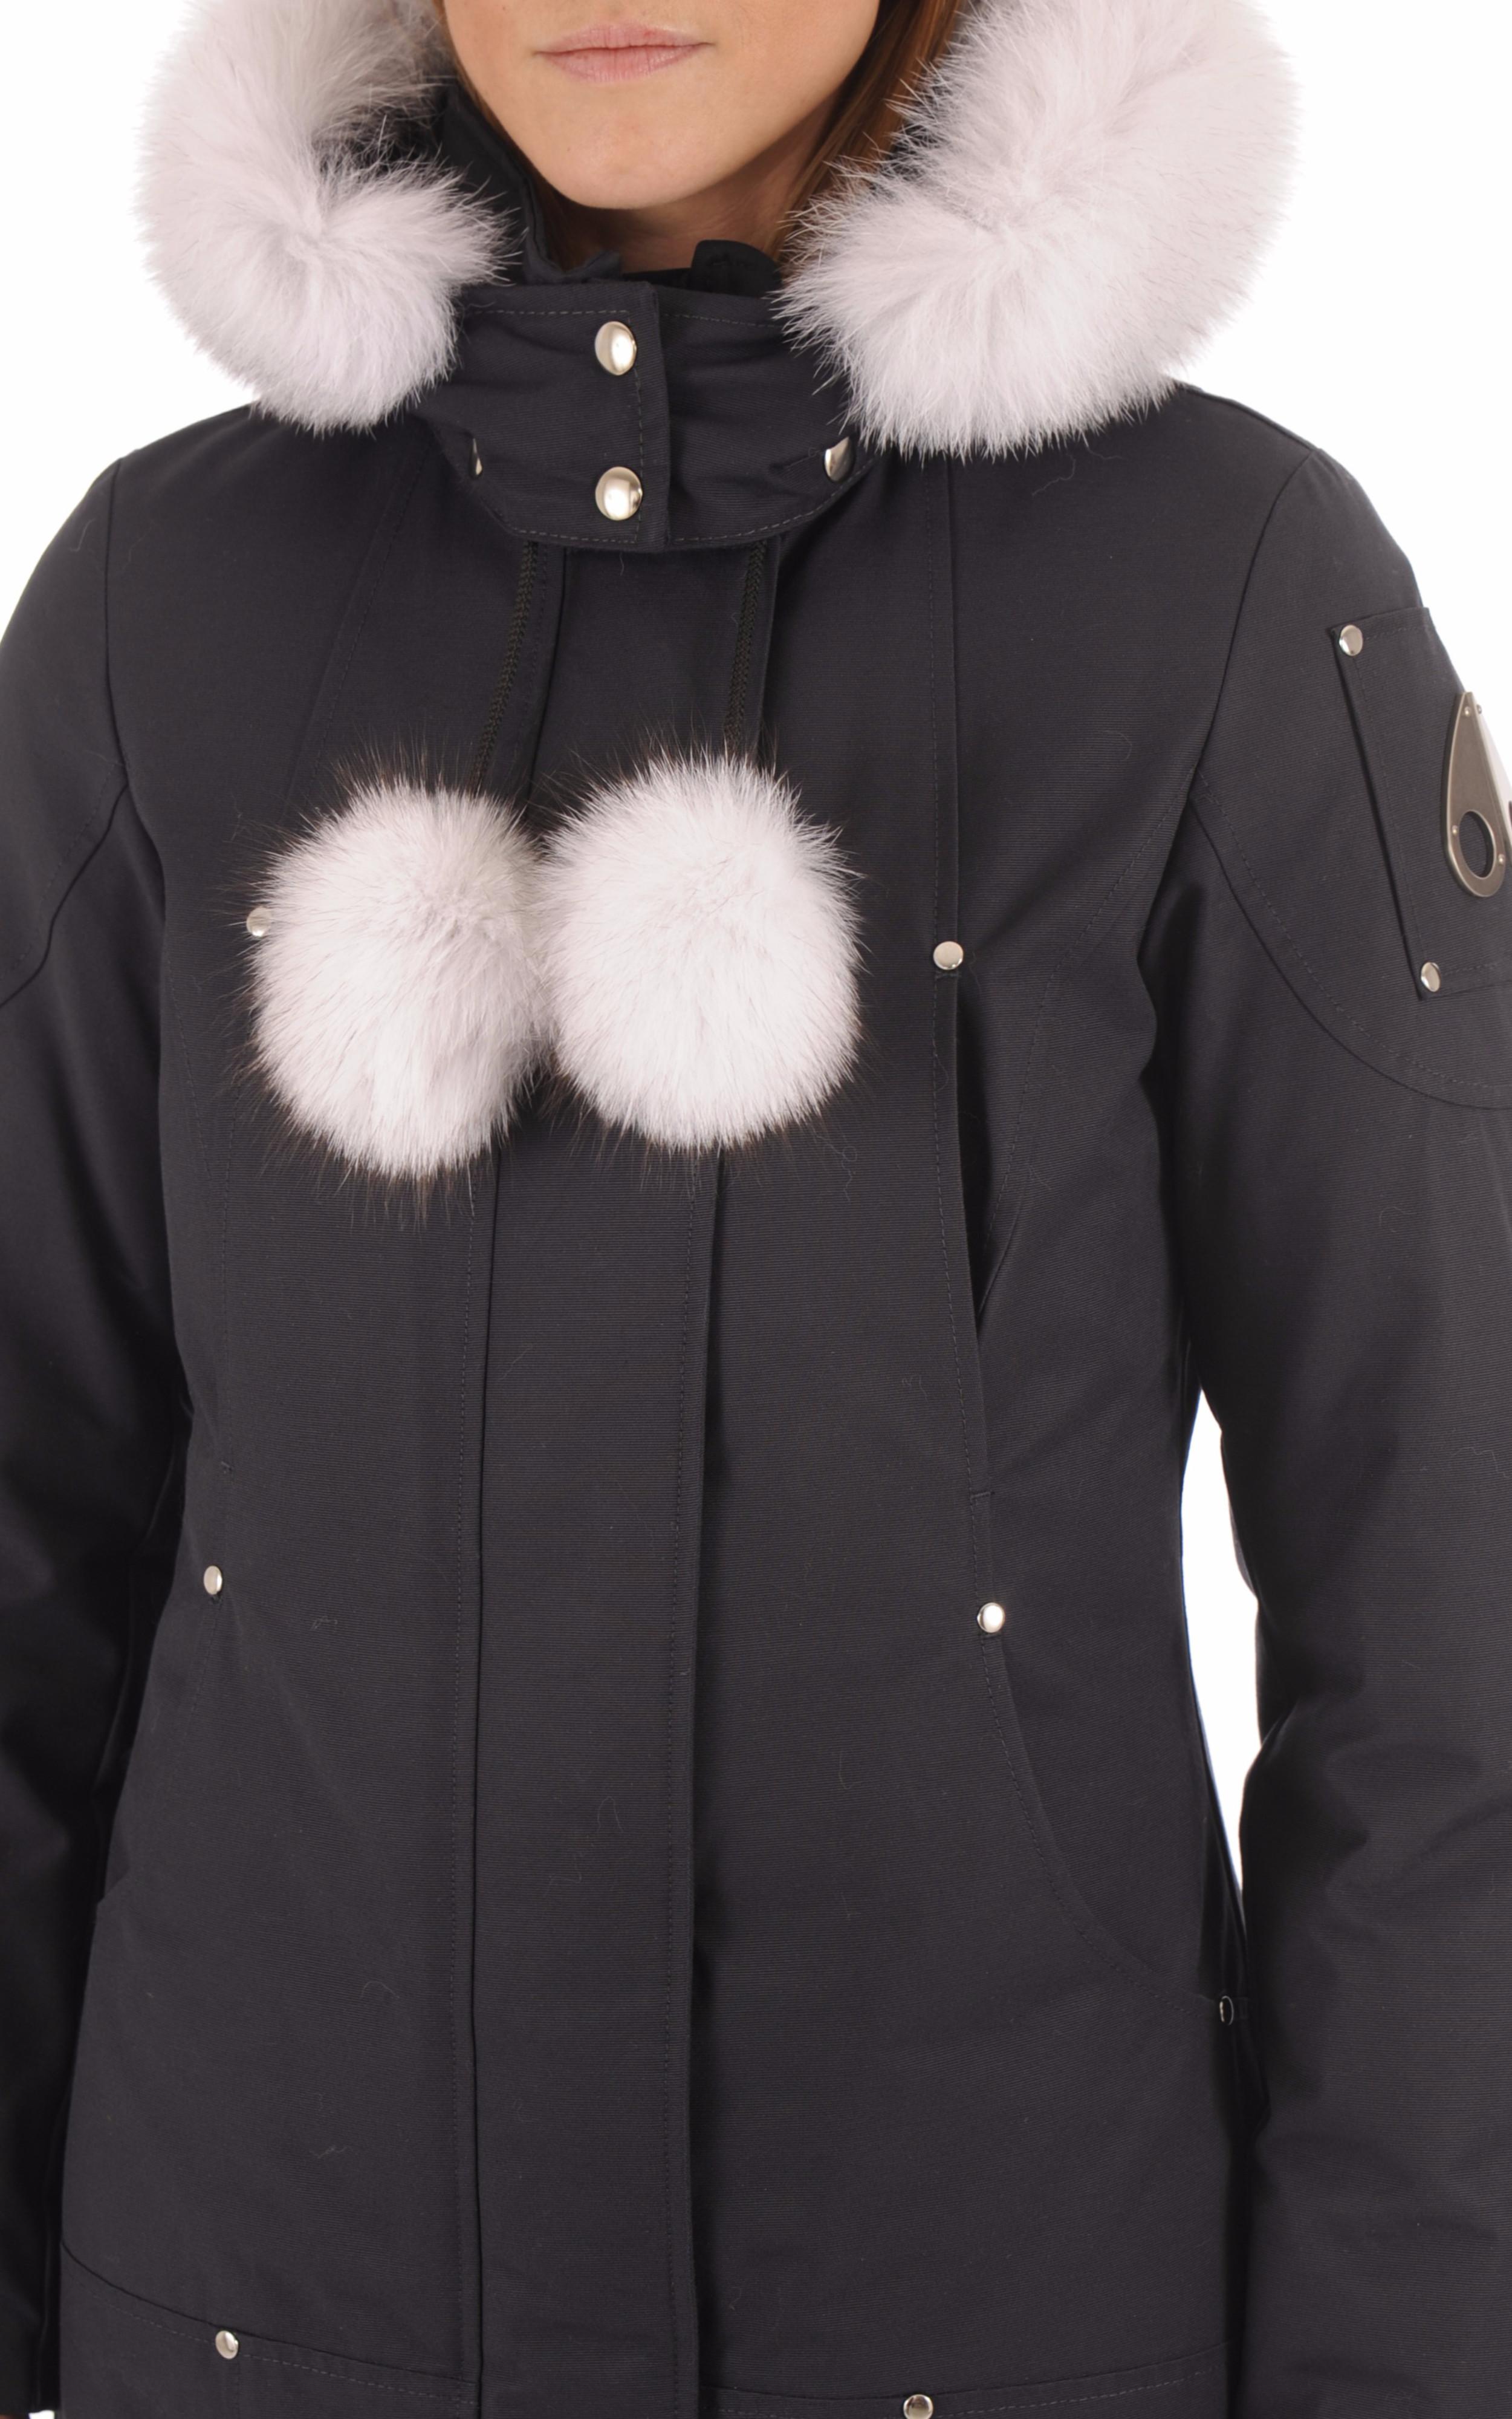 Parka longue Stirling Navy-White Moose Knuckles